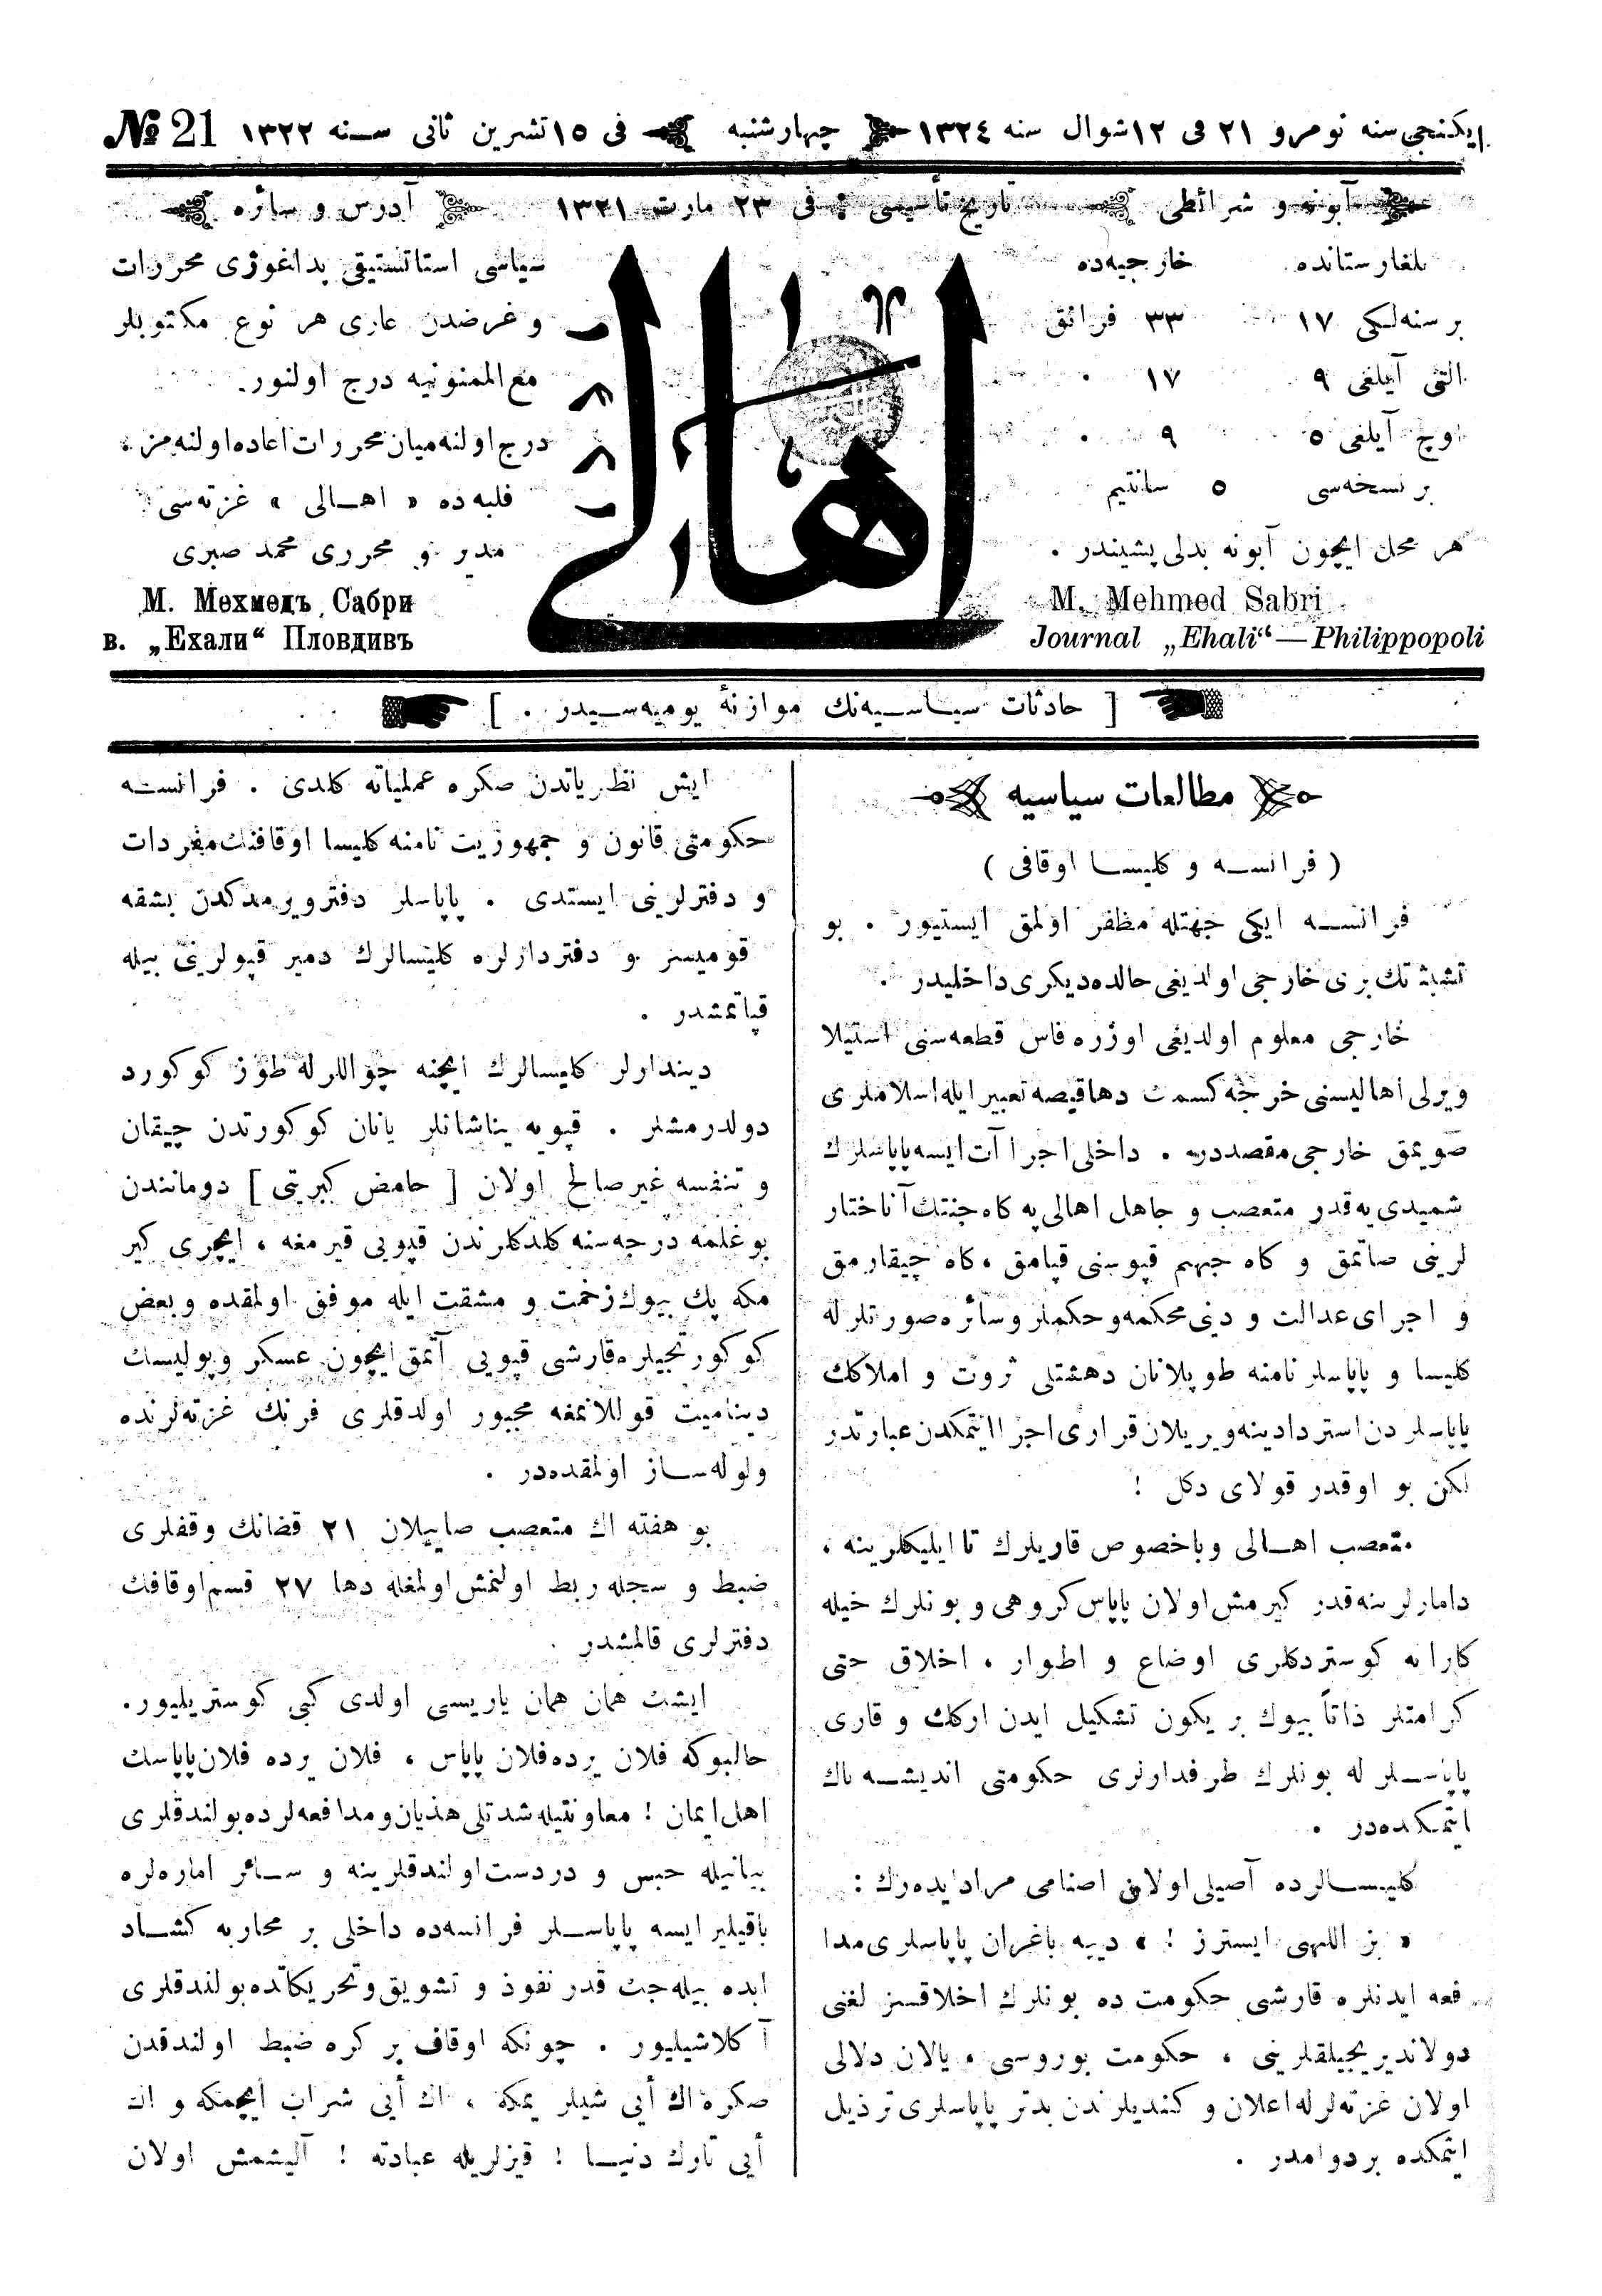 28 Kasım 1906 Tarihli Ahali (Filibe) Gazetesi Sayfa 1